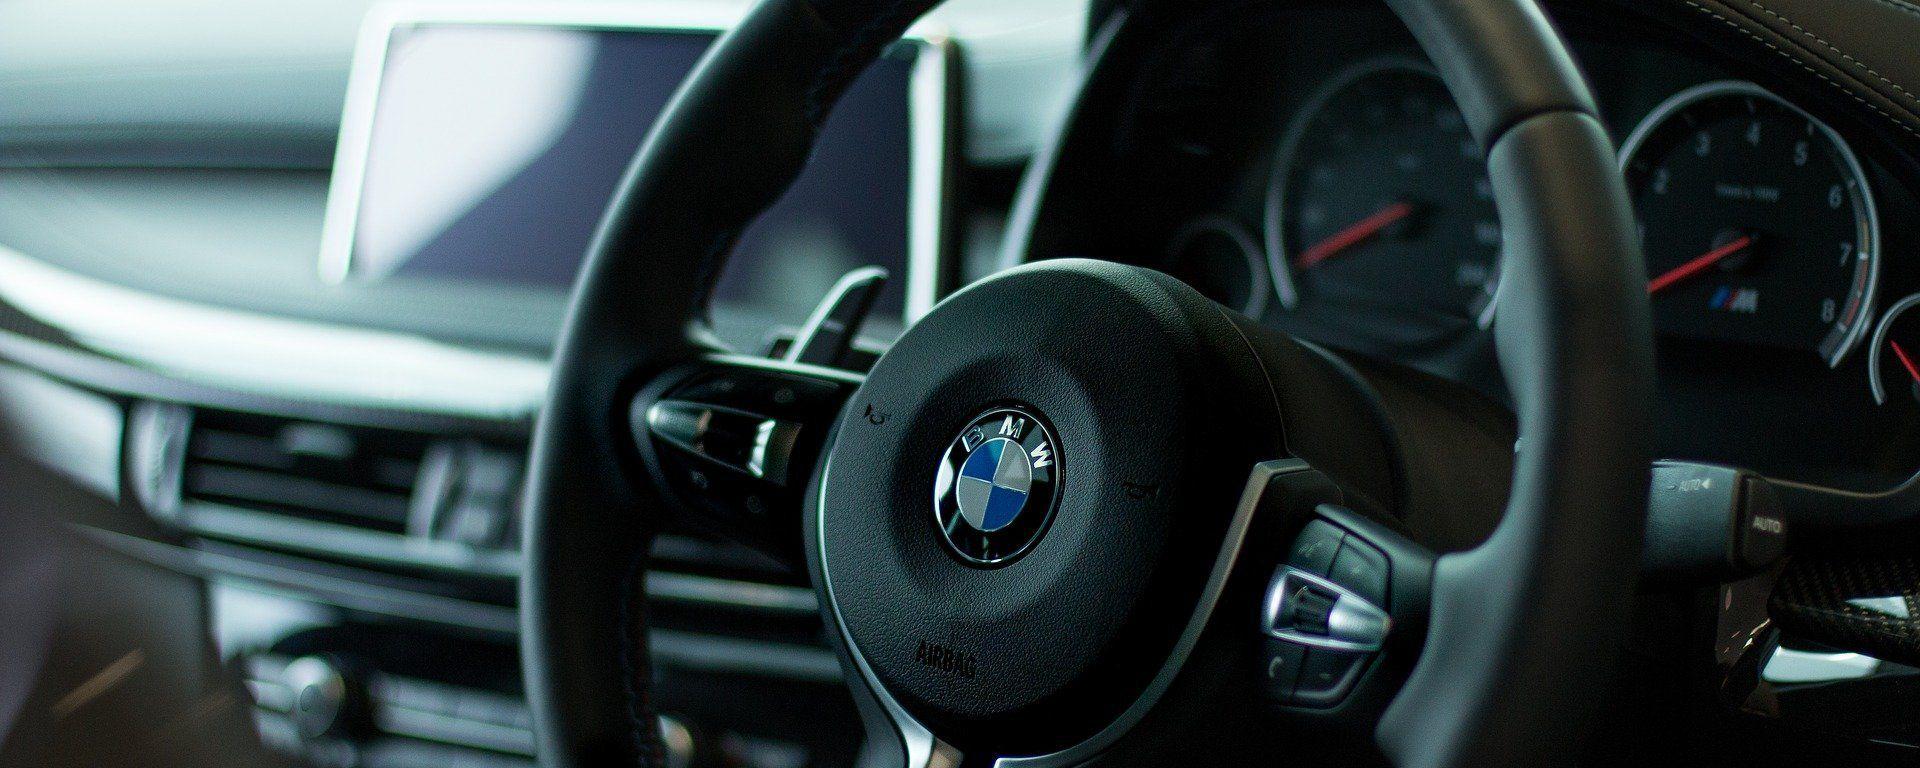 El salón de un coche BMW - Sputnik Mundo, 1920, 17.03.2021